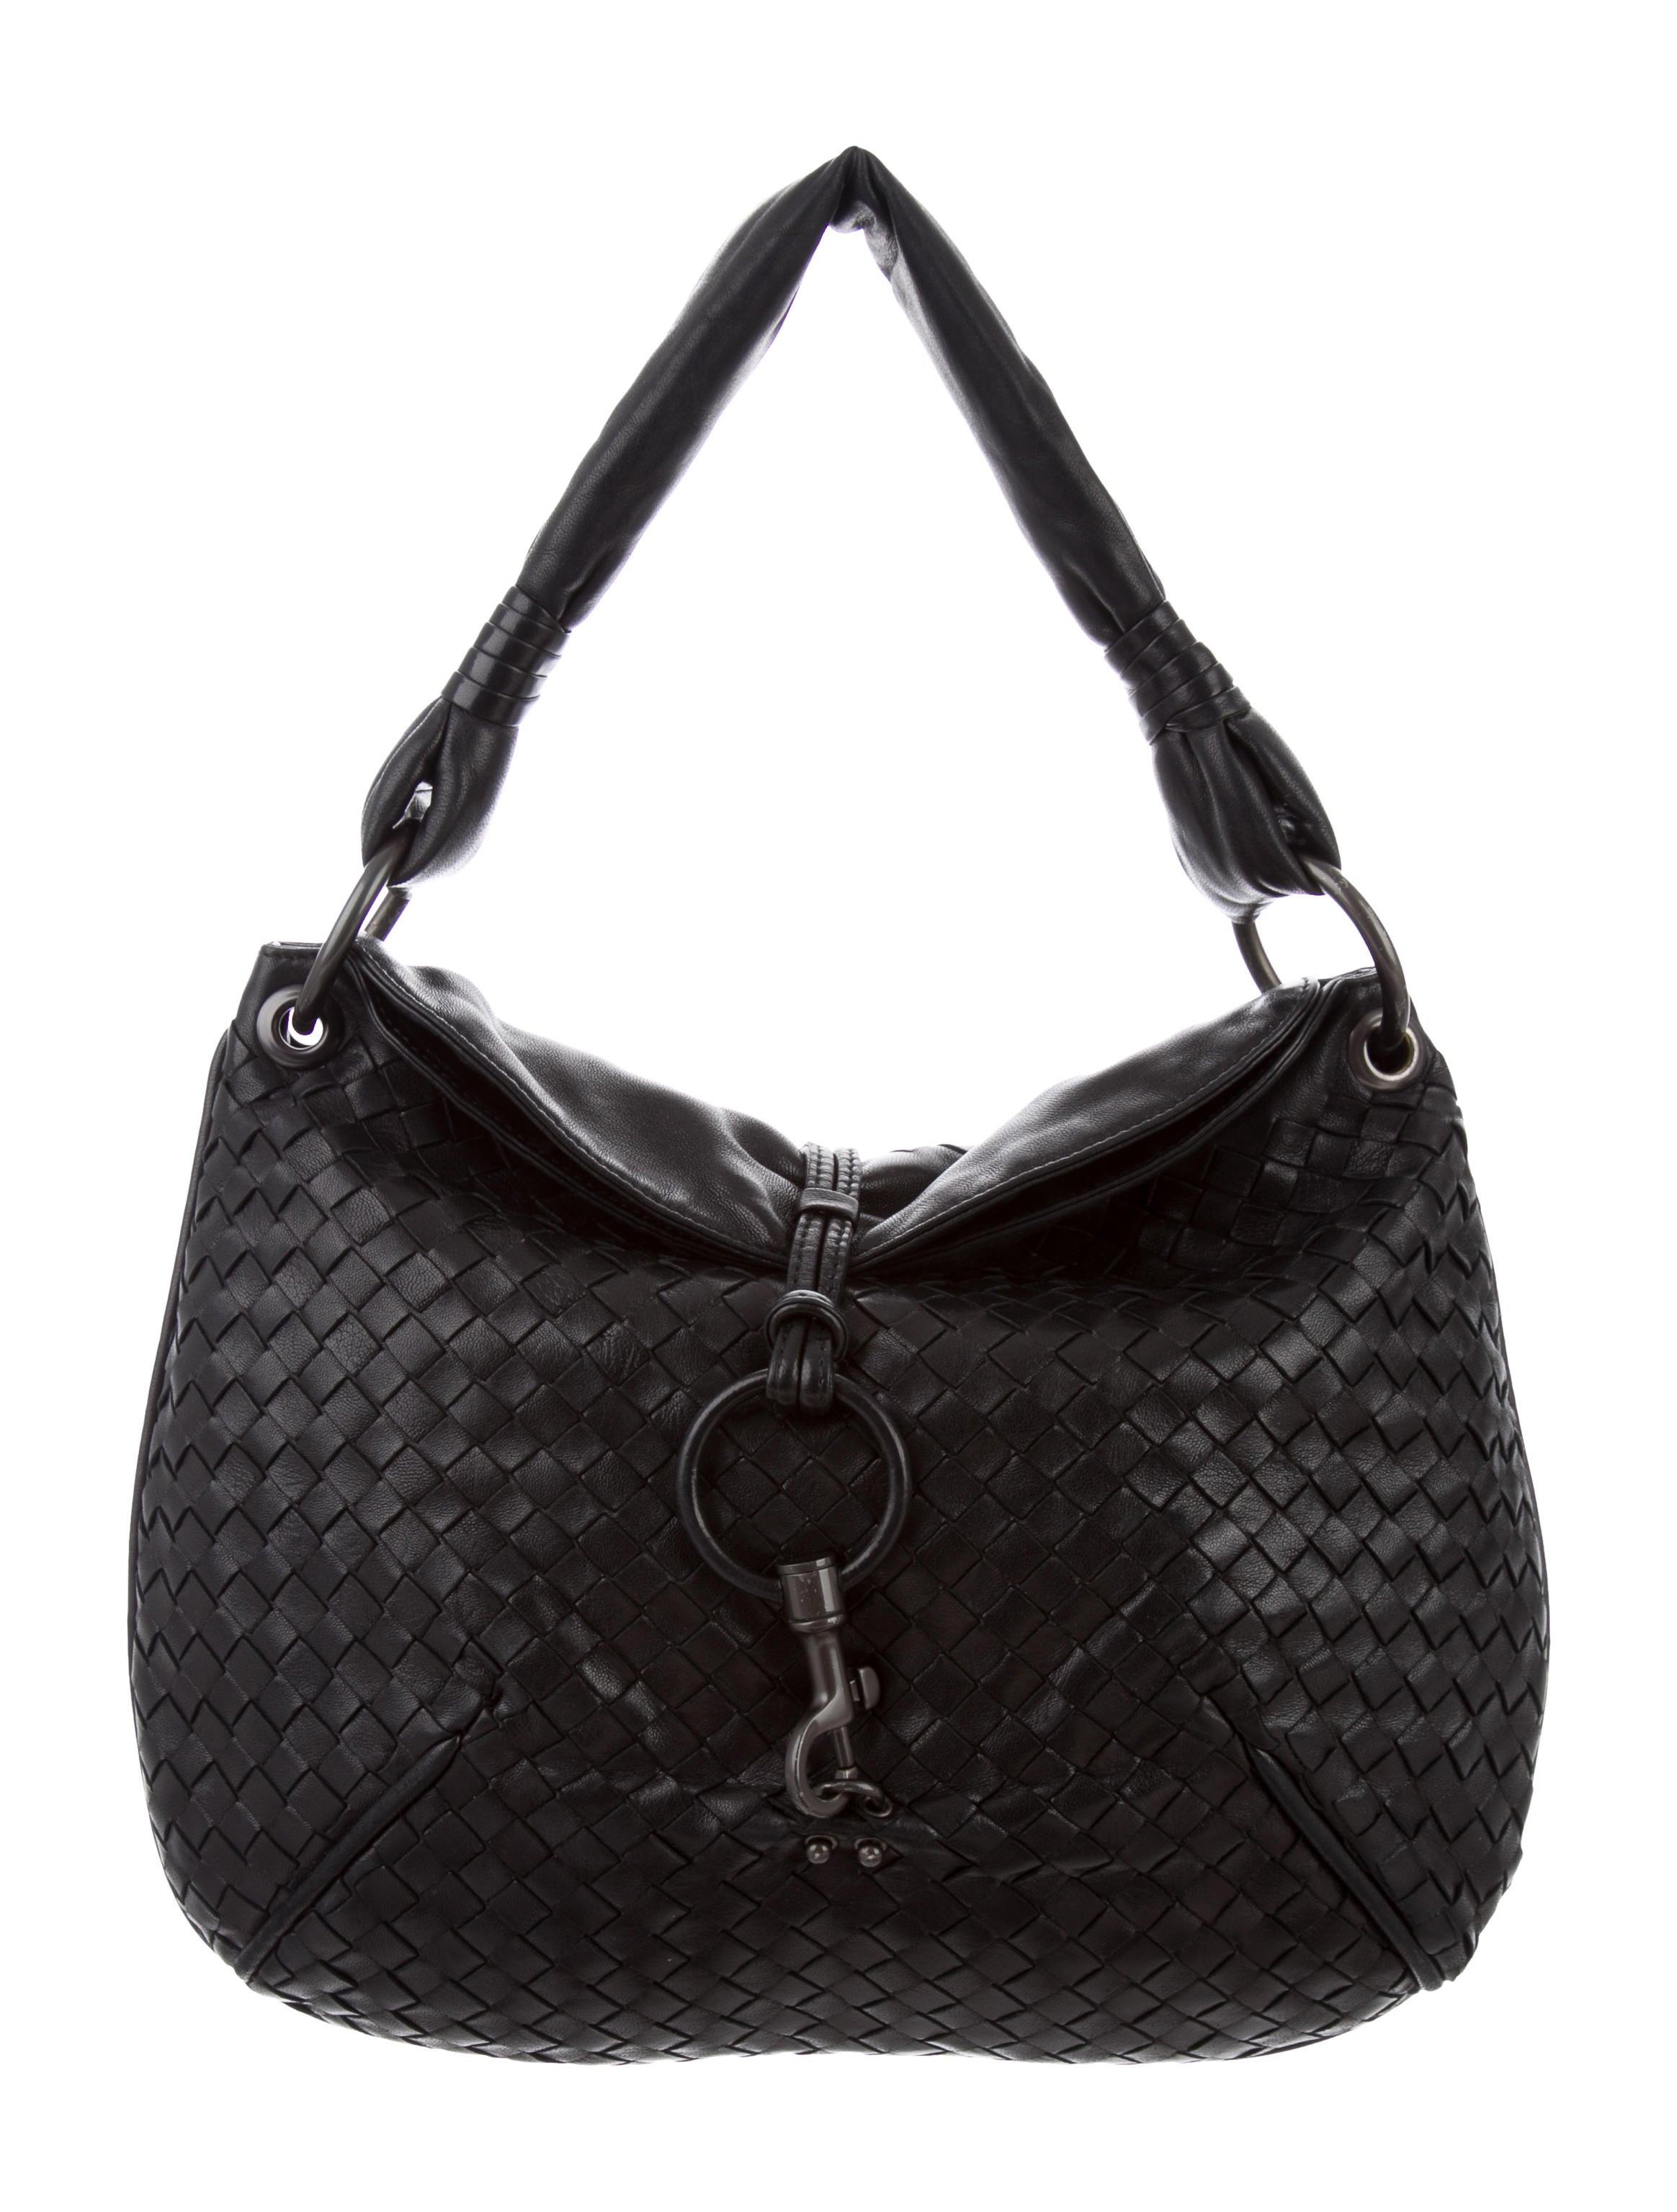 245b43637ae3 Veneta Bottega Intrecciato Veneta Shoulder Bag Shoulder Bottega Veneta  Veneta Intrecciato Bag Bottega Bag Shoulder Intrecciato ...